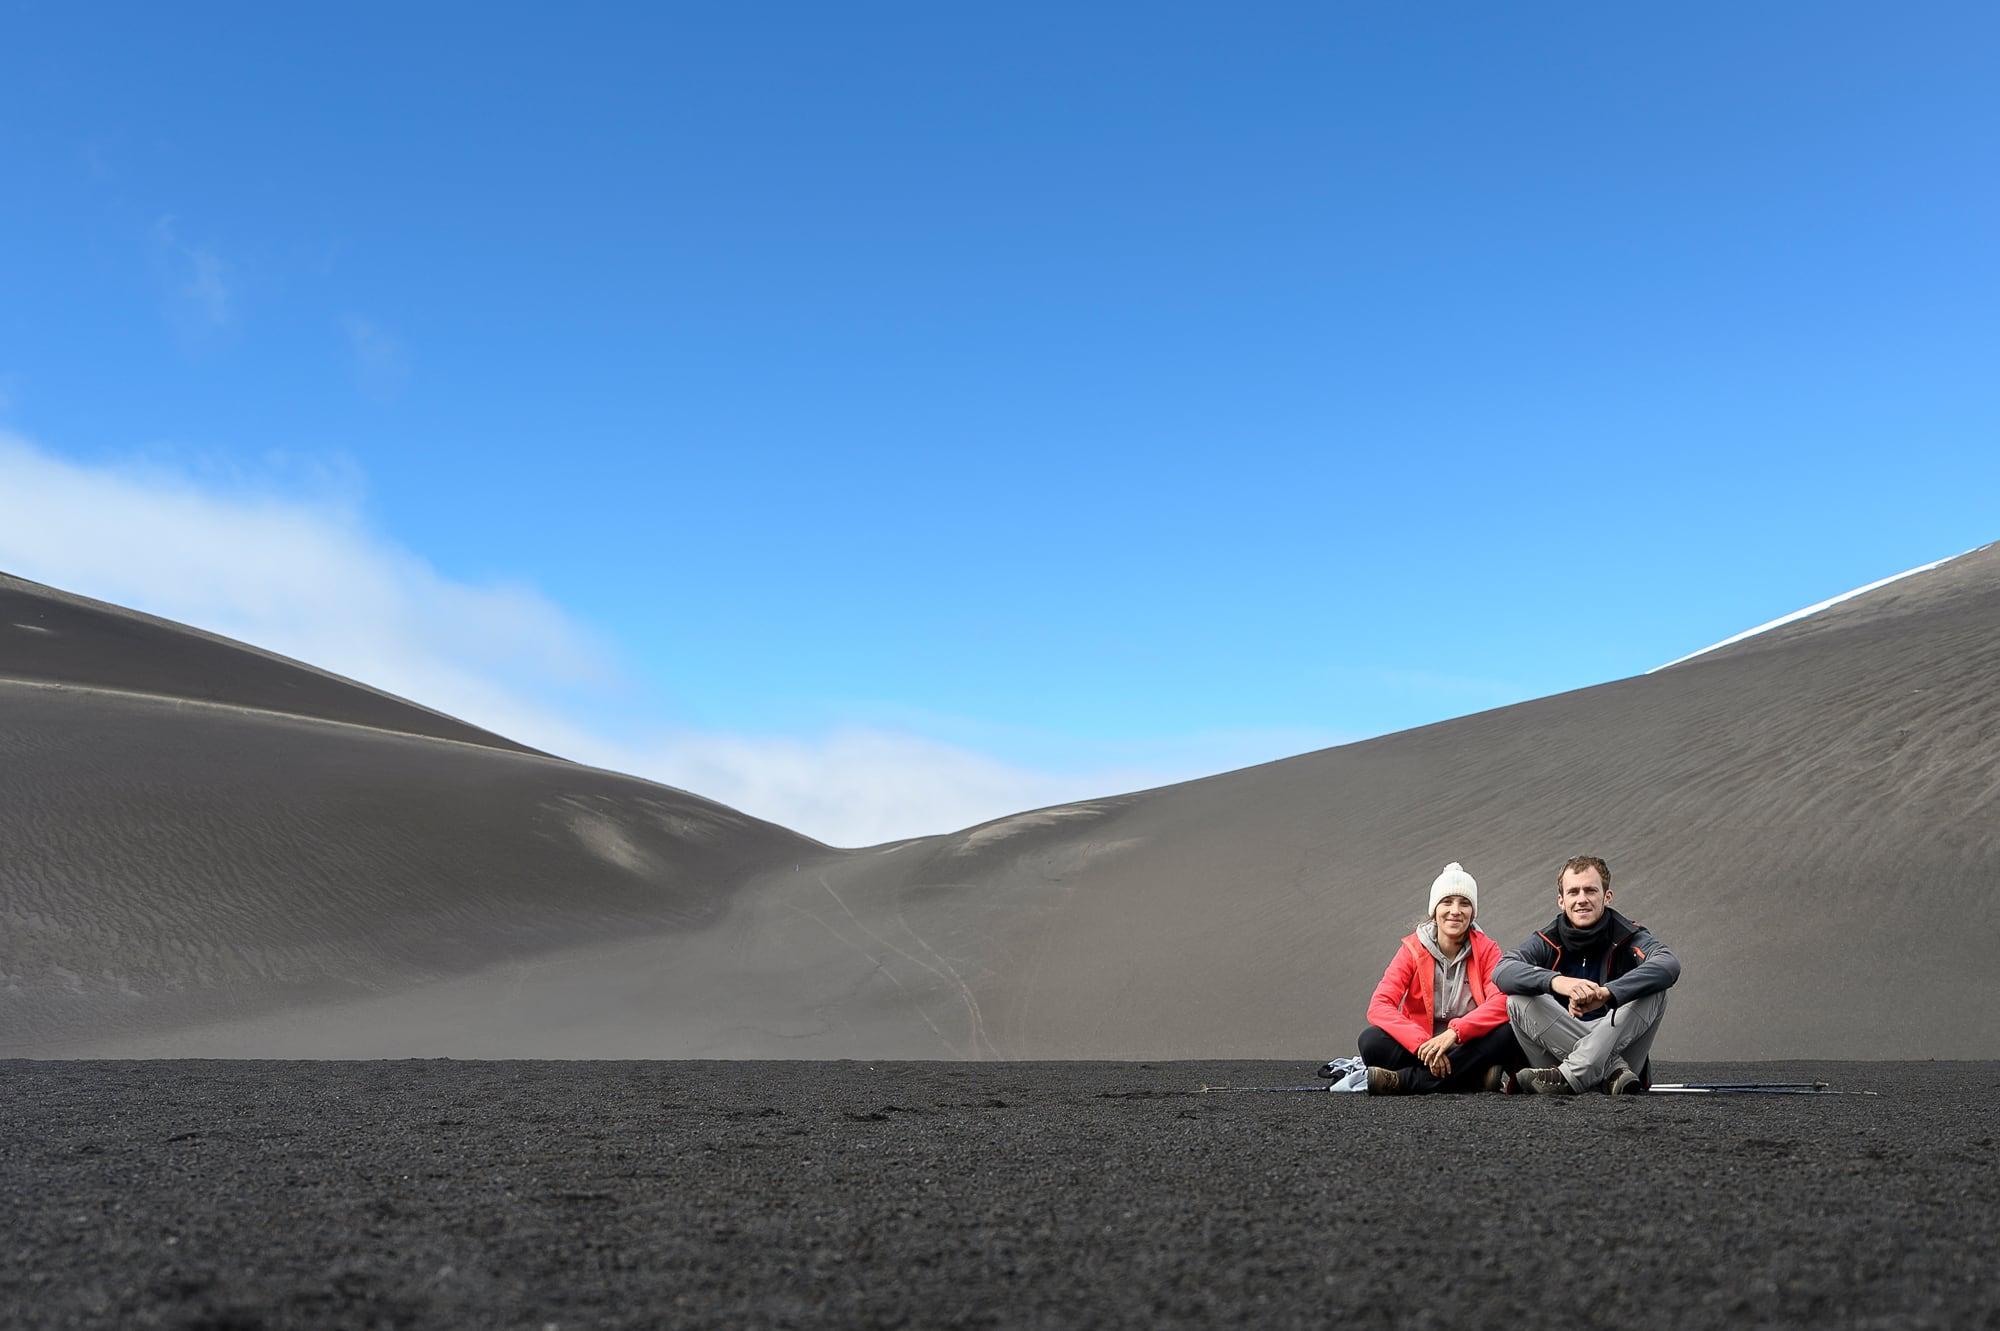 2_Cile_Crater_Navidad_avtor_fotografije_Rok_Hocevar.jpg